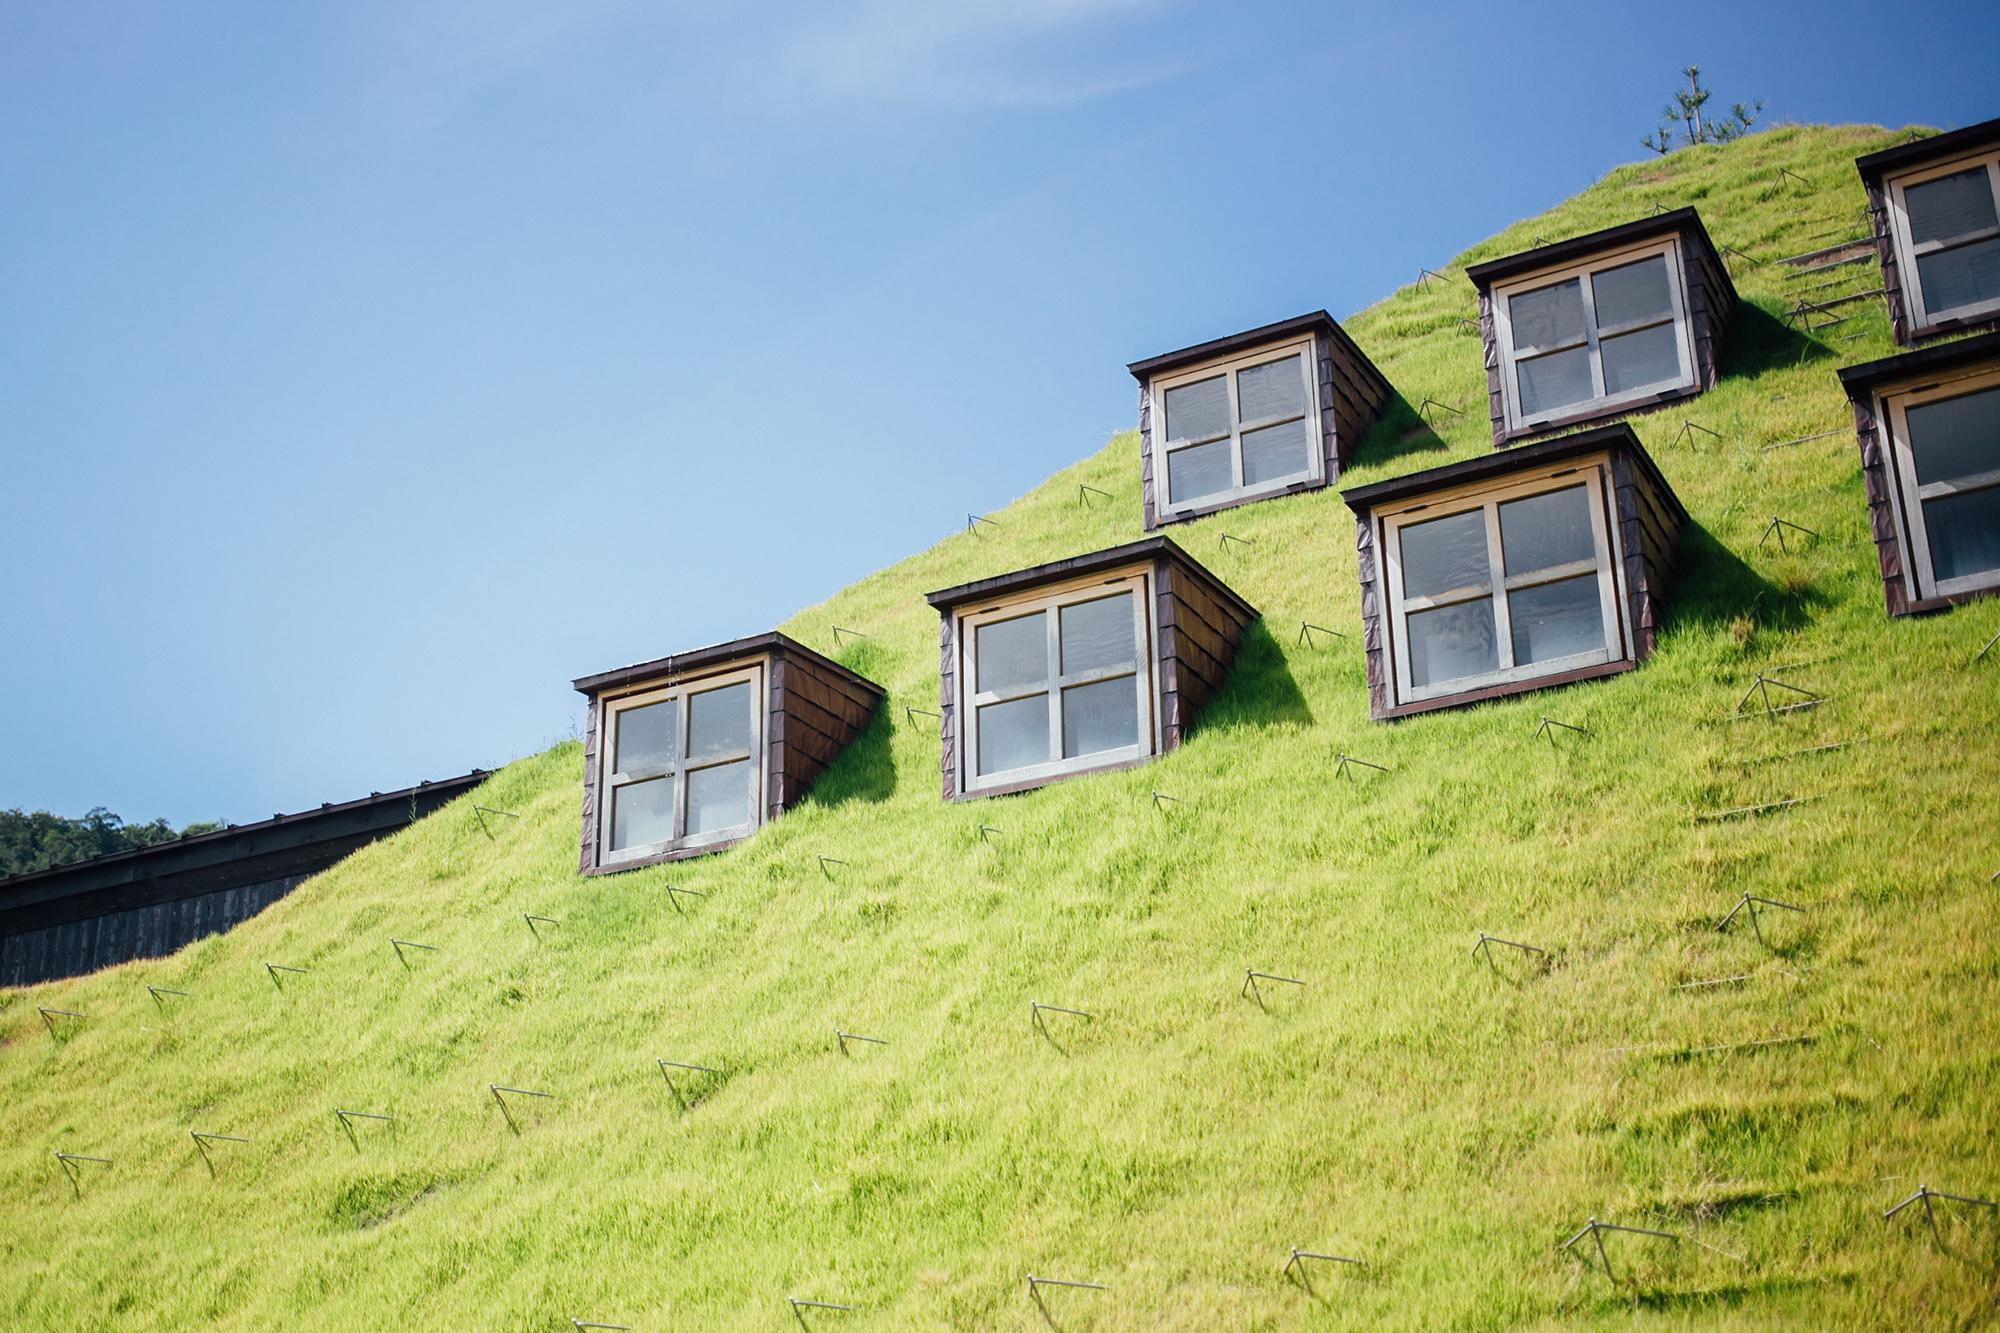 ラ コリーナ 近江八幡 たねや 草屋根